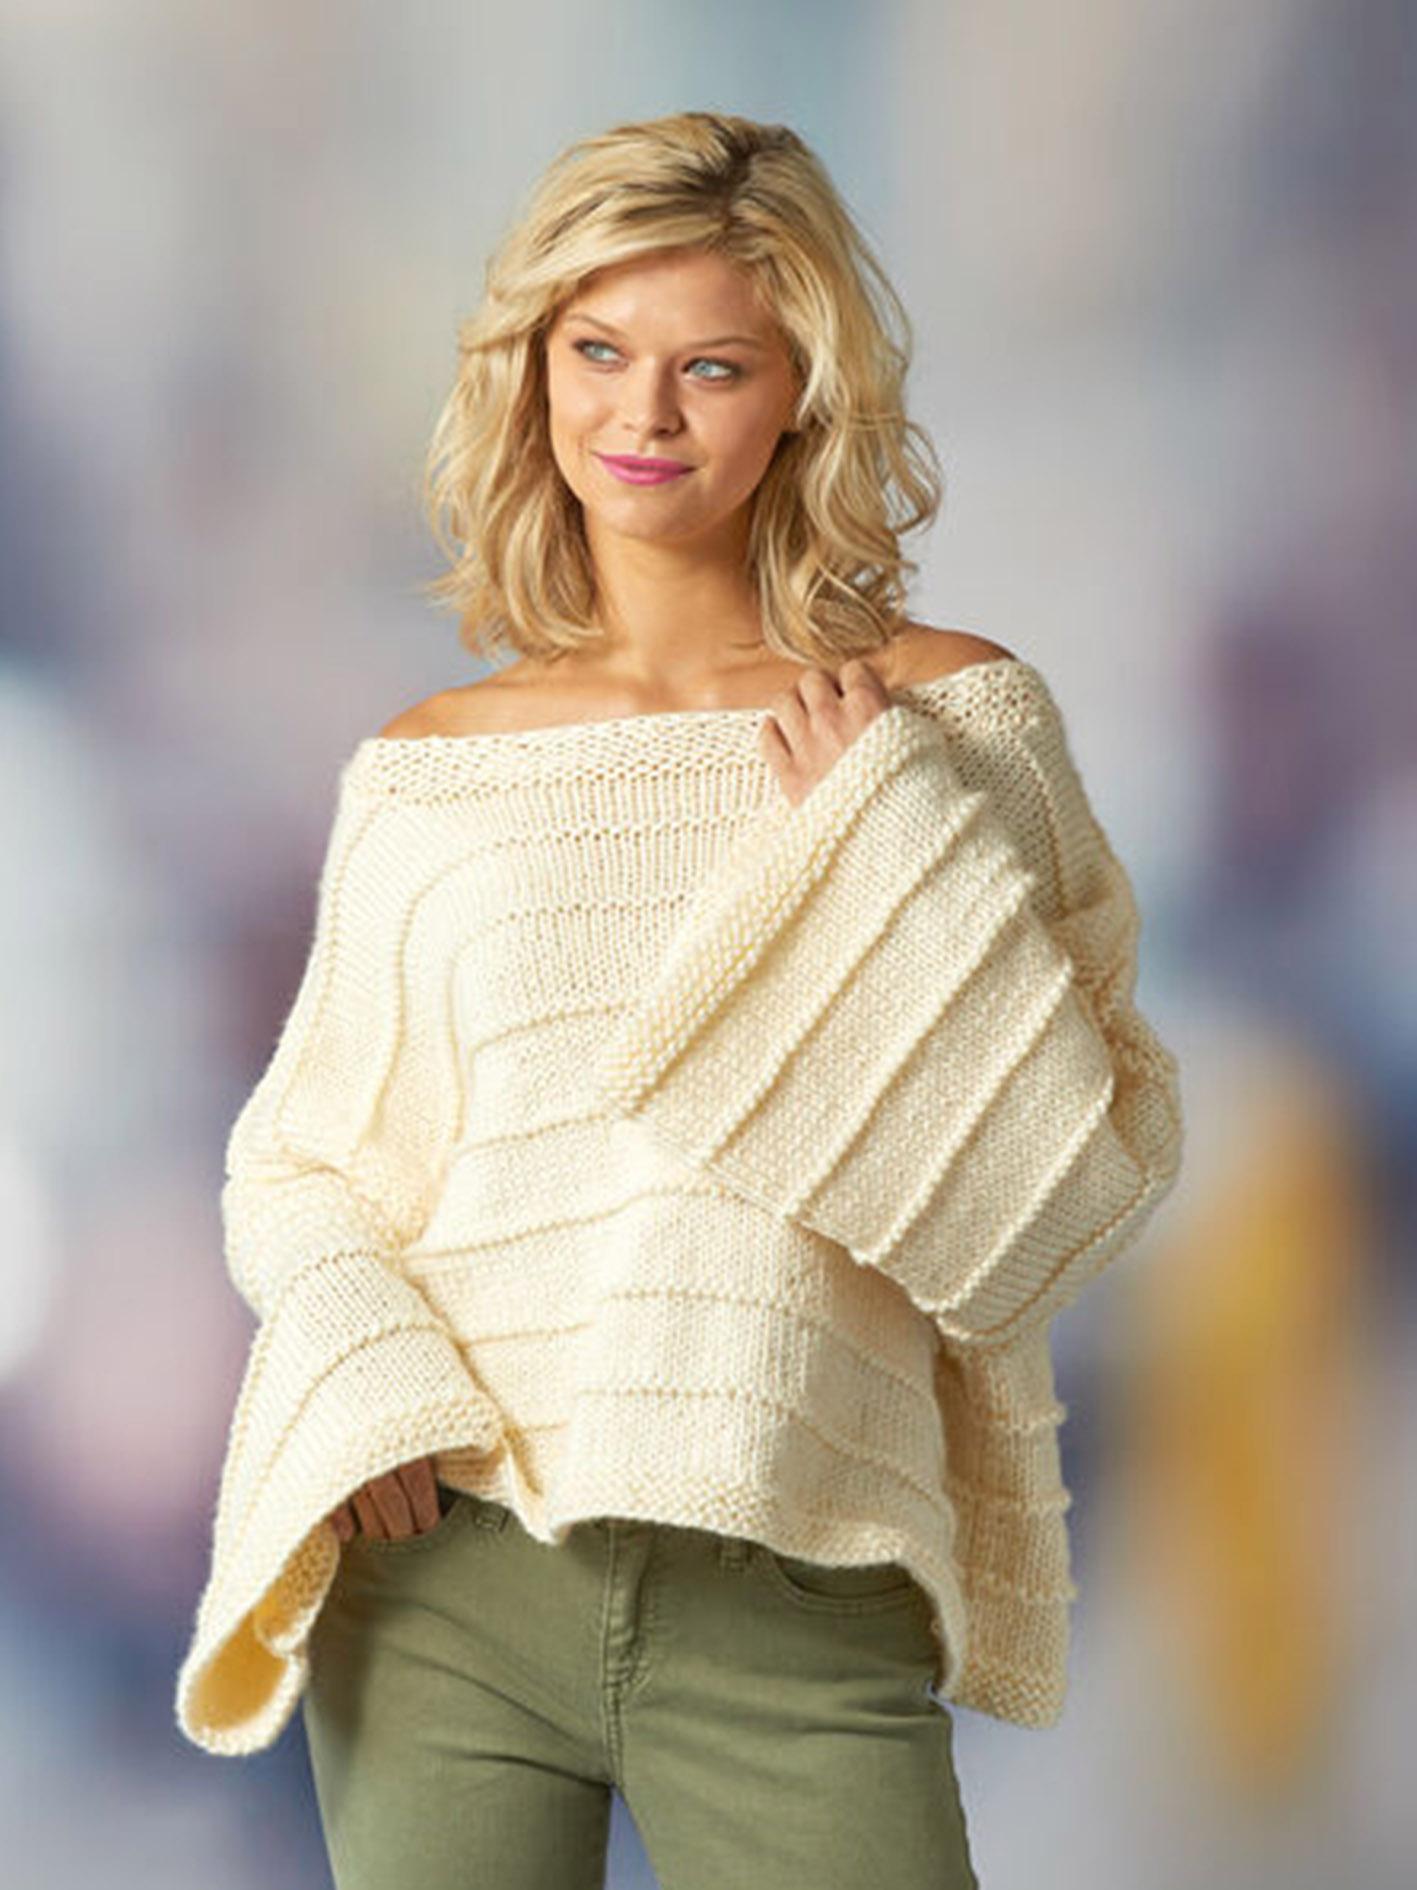 30-free-crochet-sweater-patterns-cross-my-heart-sweater-2019